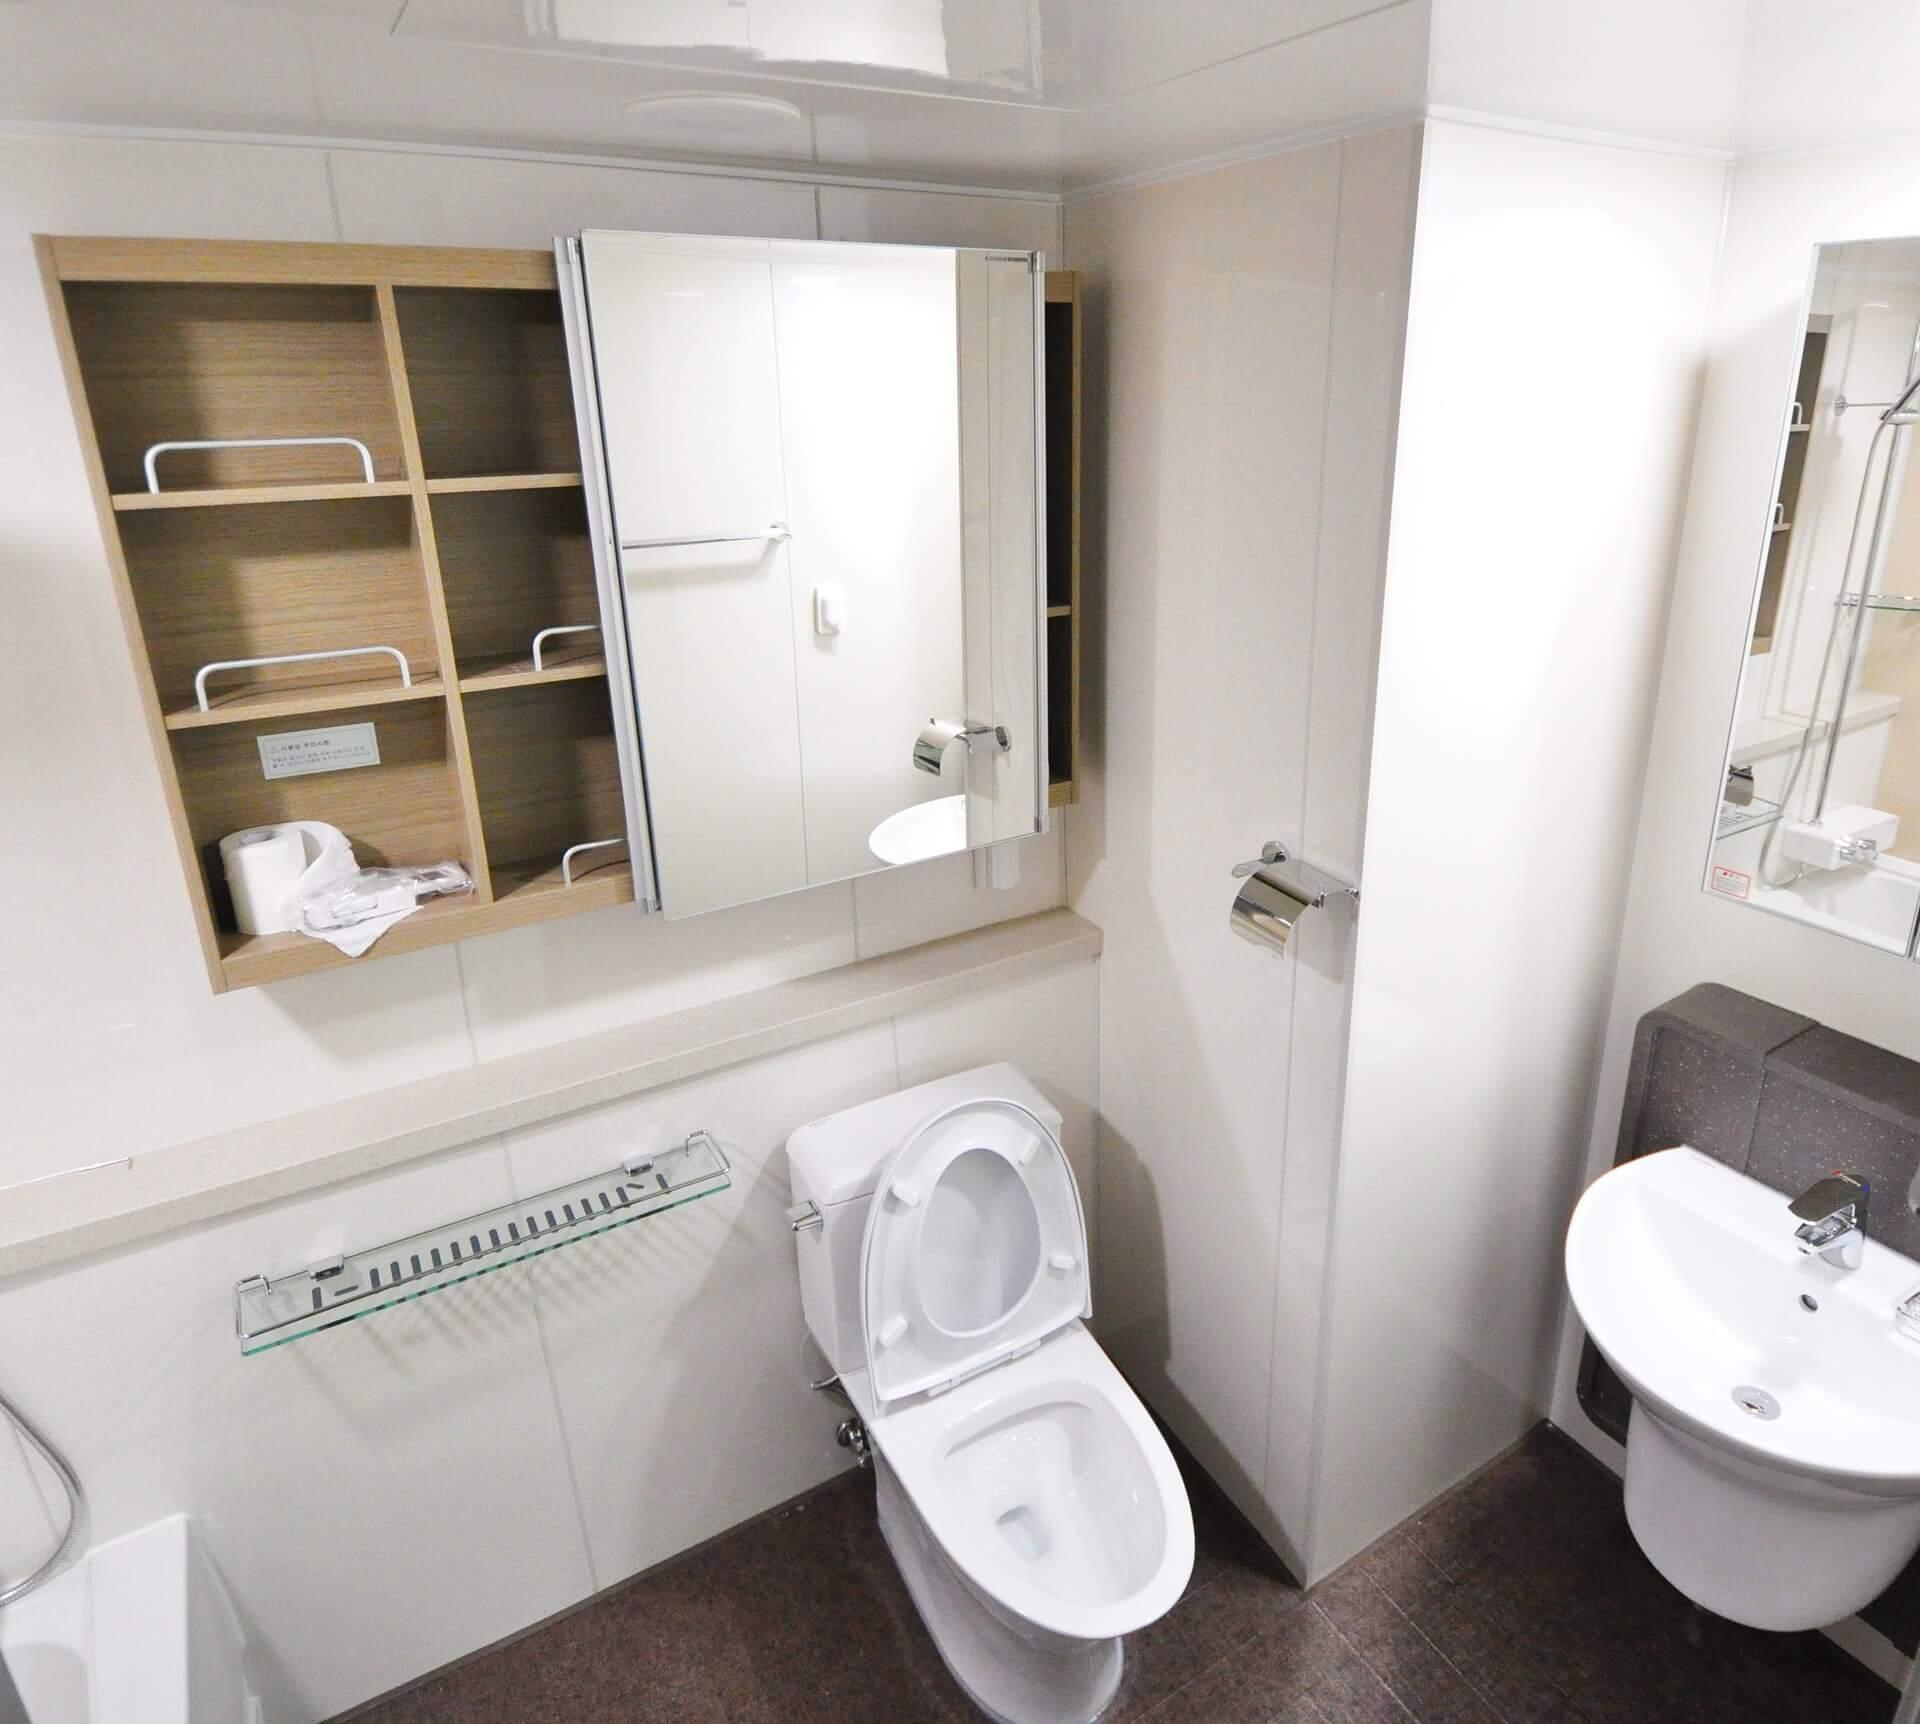 toaleta - papier toaletowy